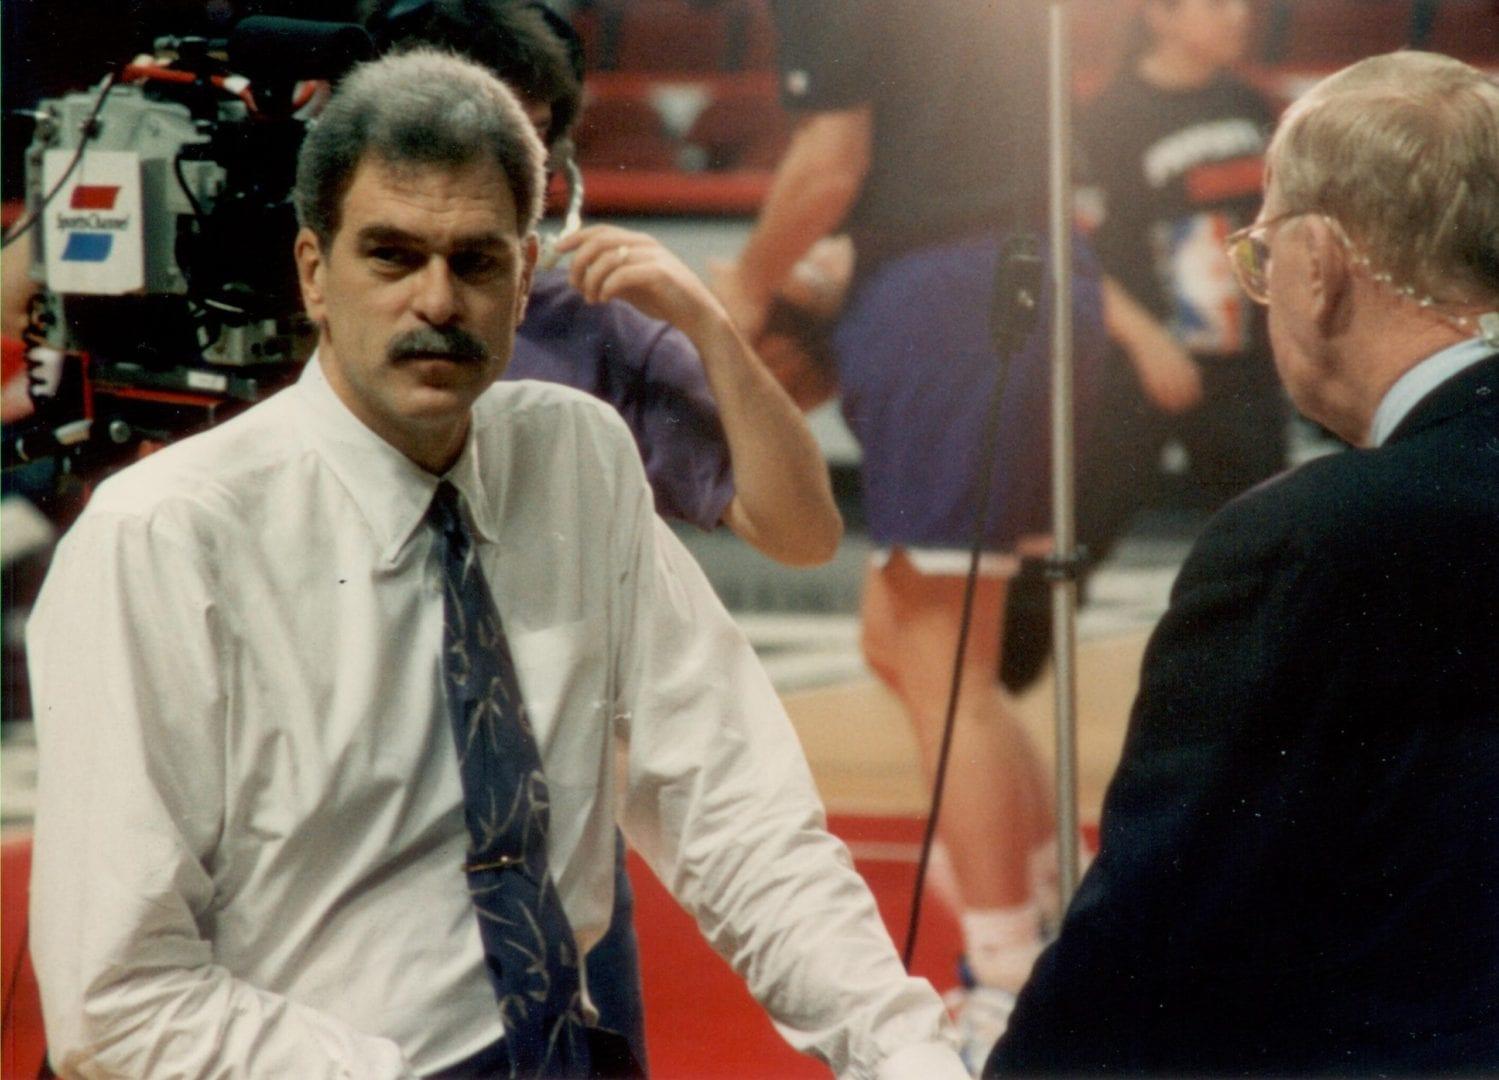 An interview of a coach